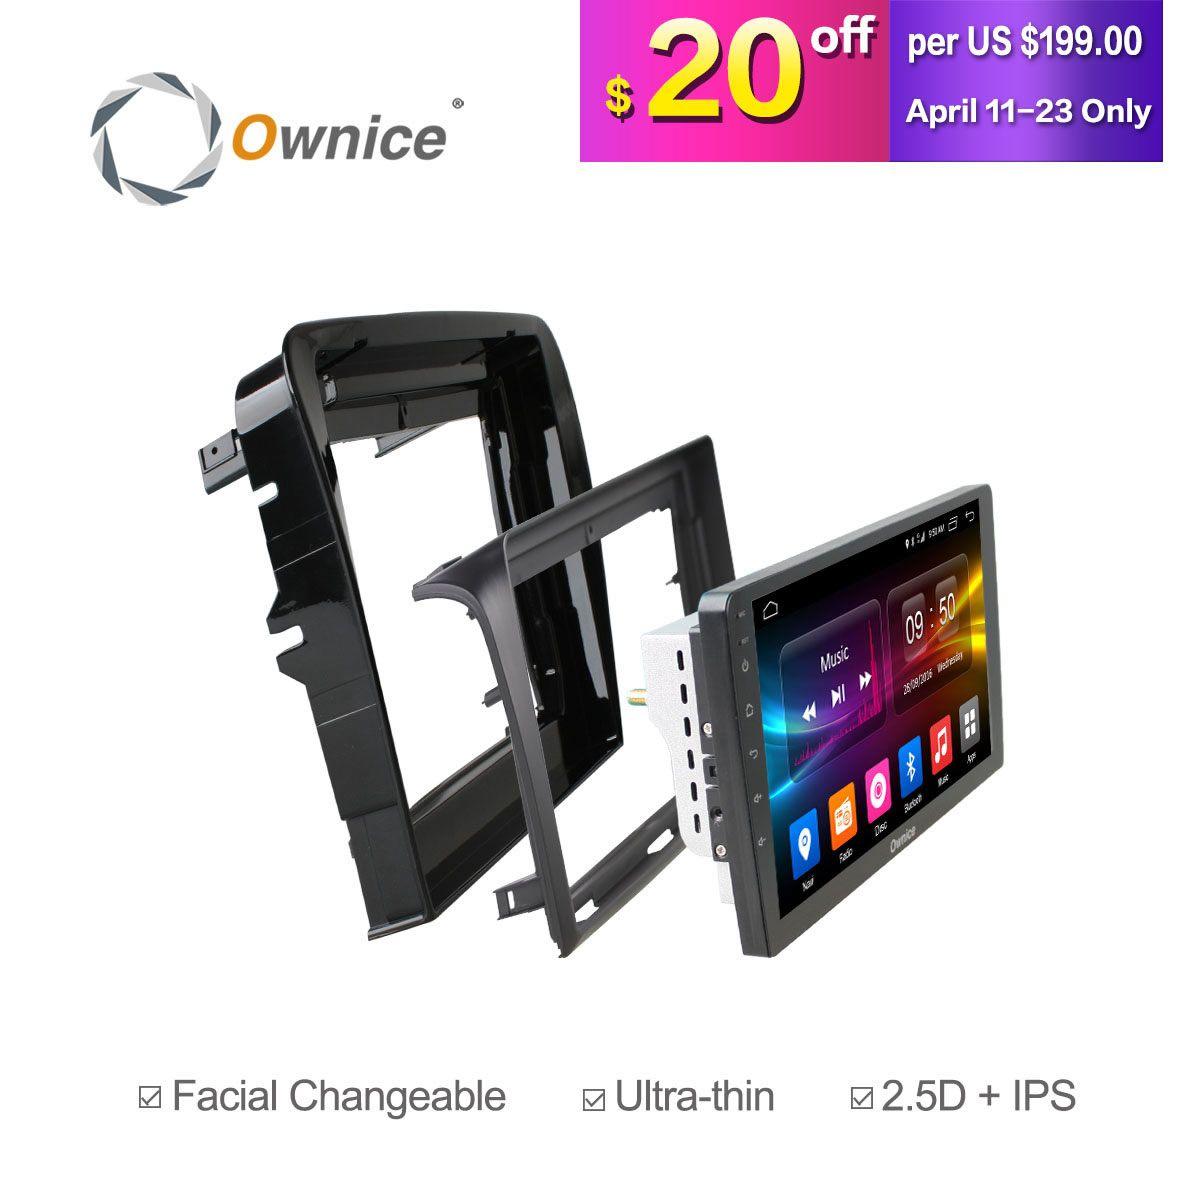 Ownice 8 Core 10.1